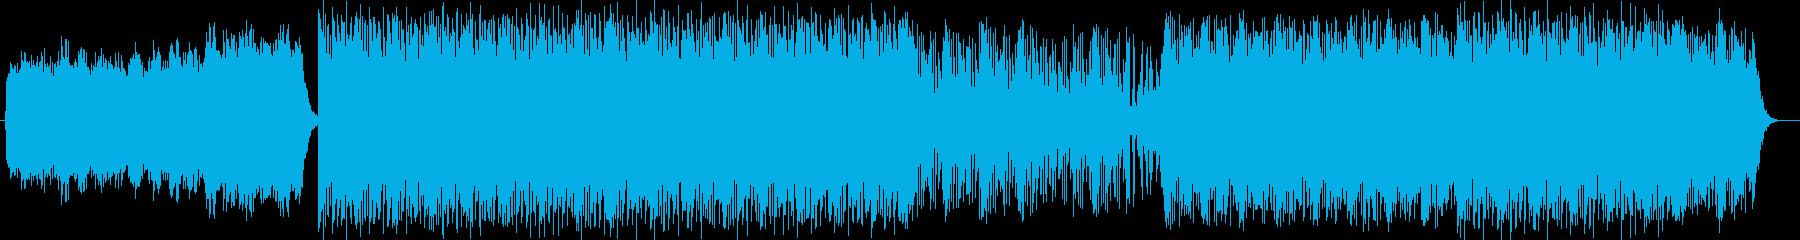 不思議な浮遊感疾走感のあるテクノの曲の再生済みの波形